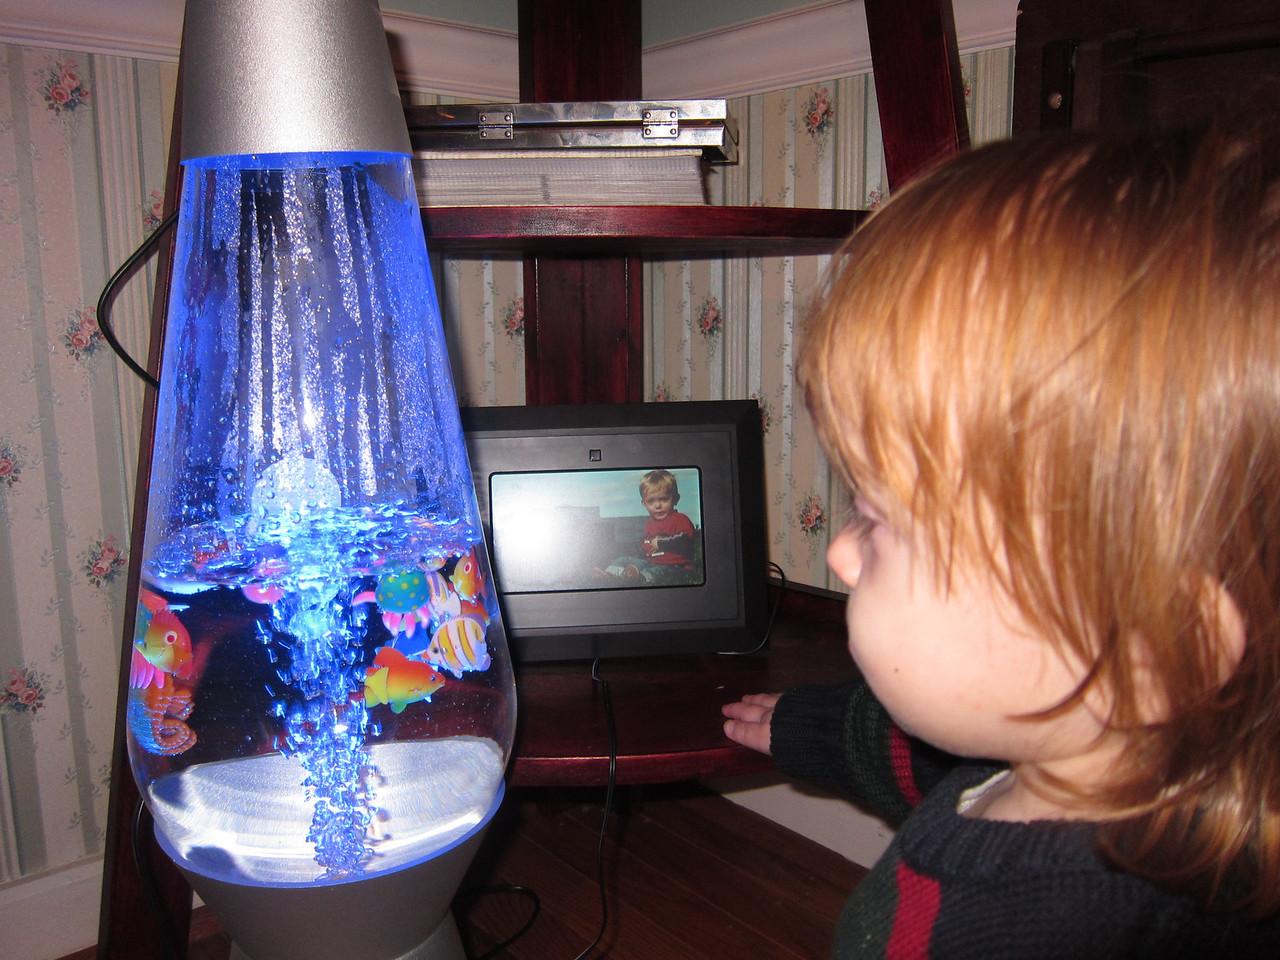 Looking at the fake fish